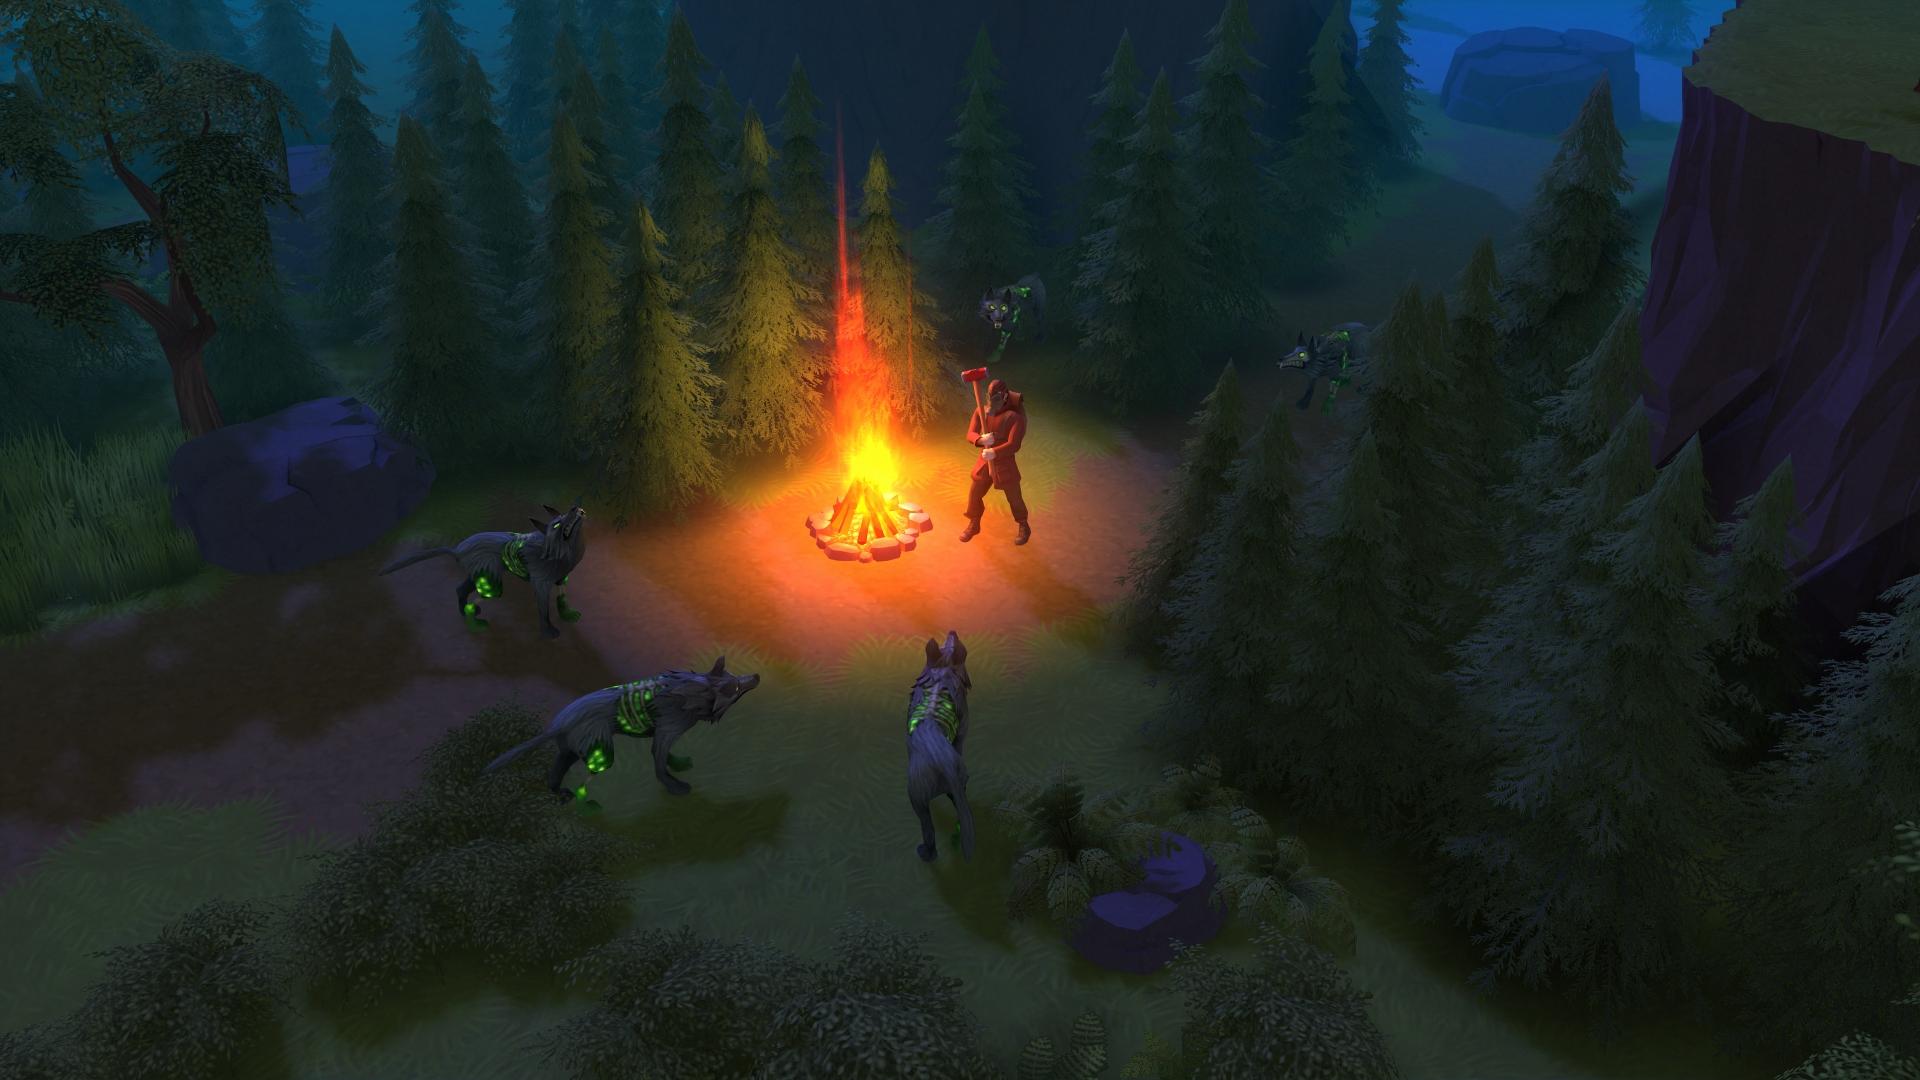 fKSRDgy7oBtStMWlIb1MDr70qNA | RPG Jeuxvidéo